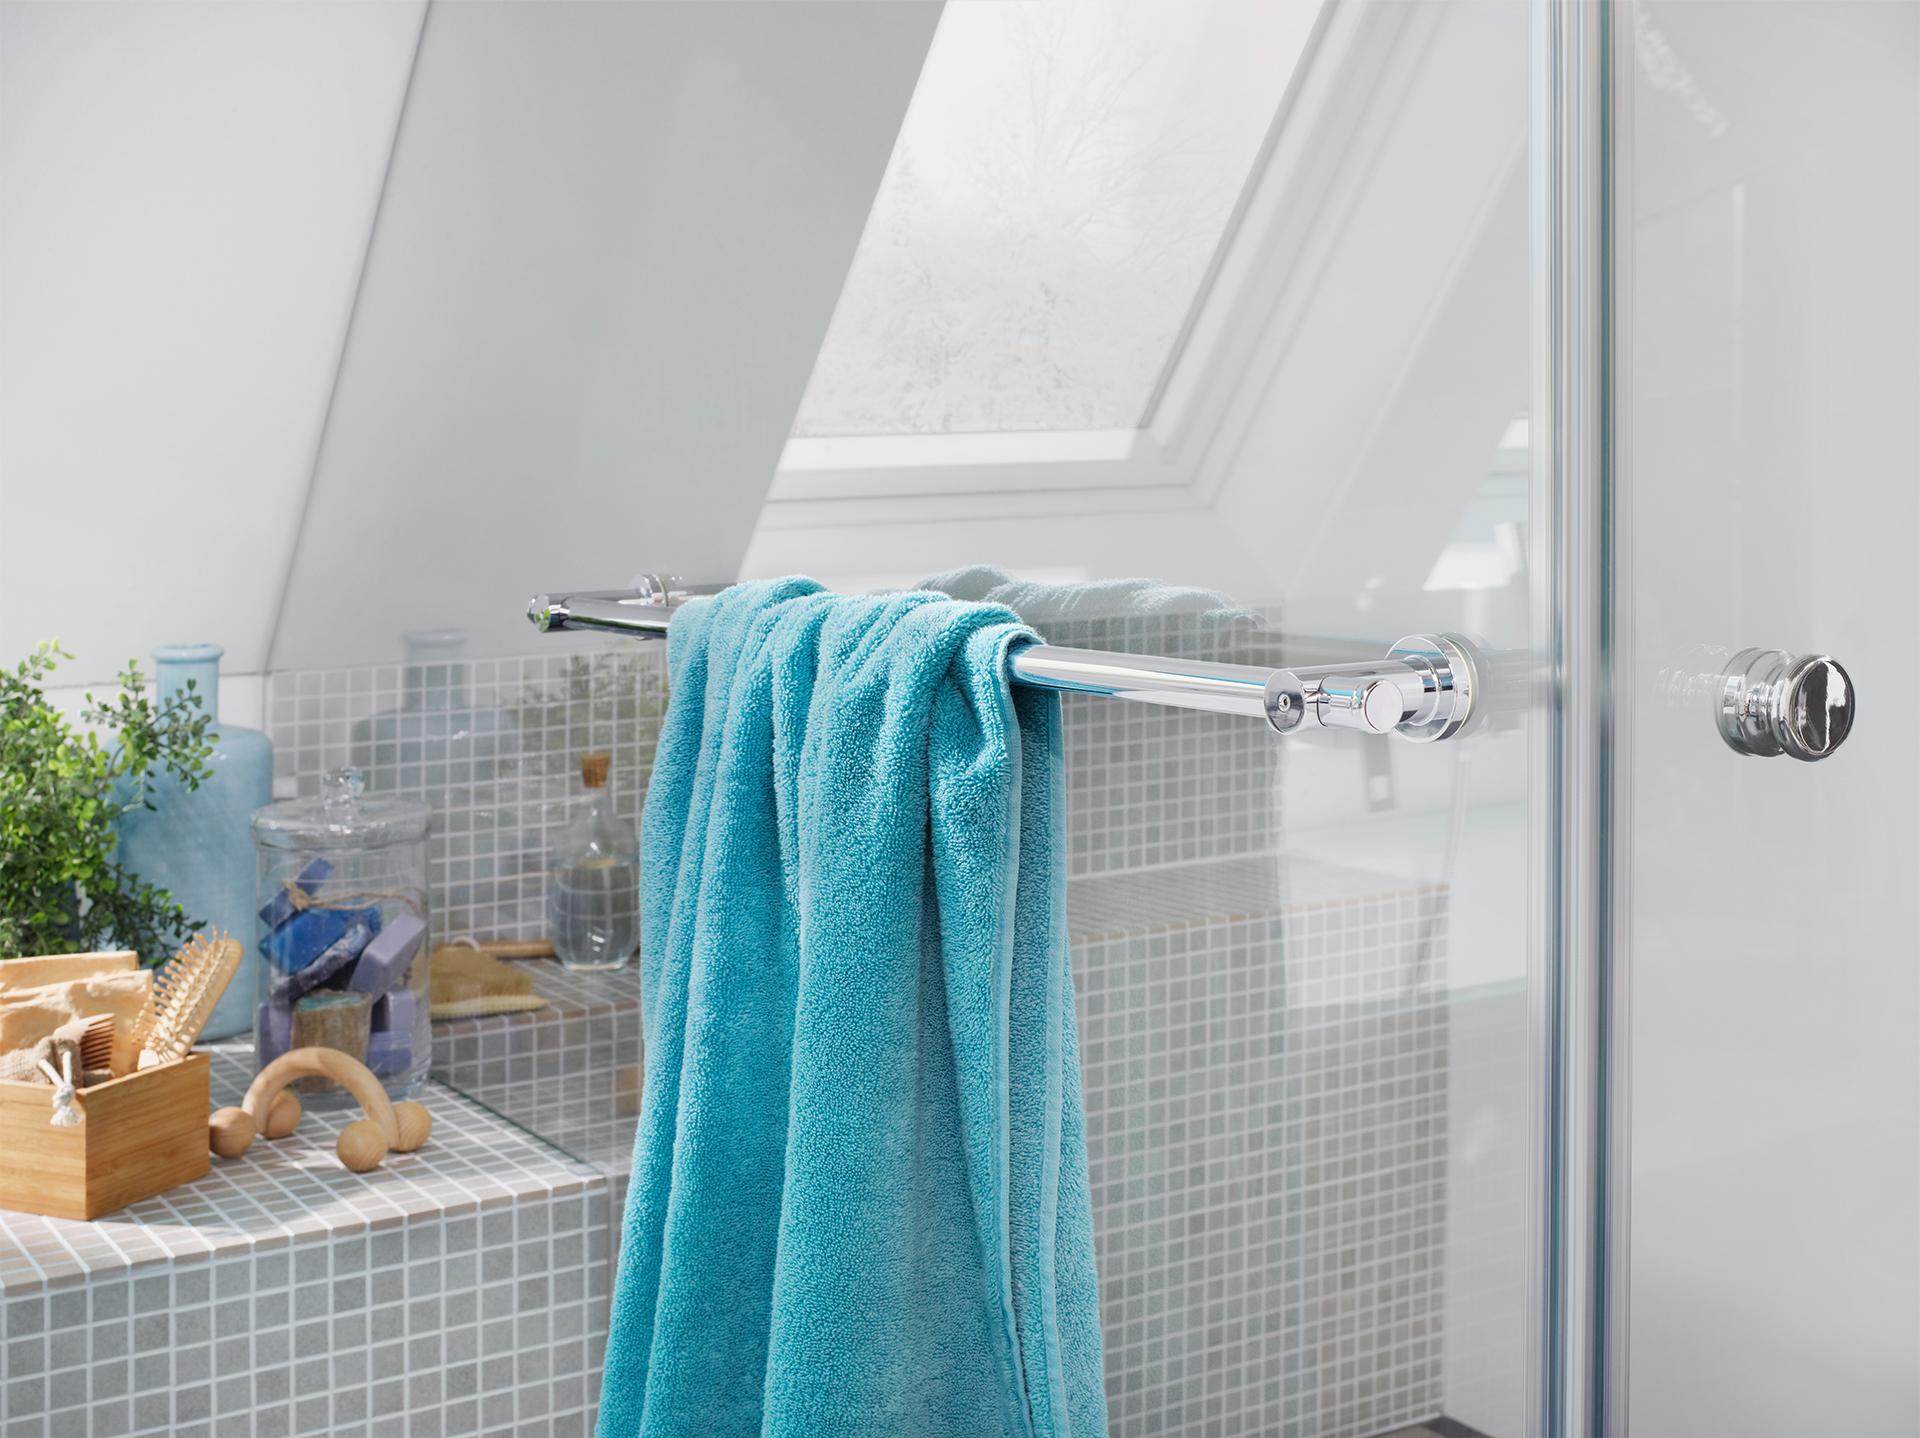 Glasdusche richtig Reinigen Duschbeschläge hochwertige Dusche Glaserei Bayernglas zwischen München und Landshut